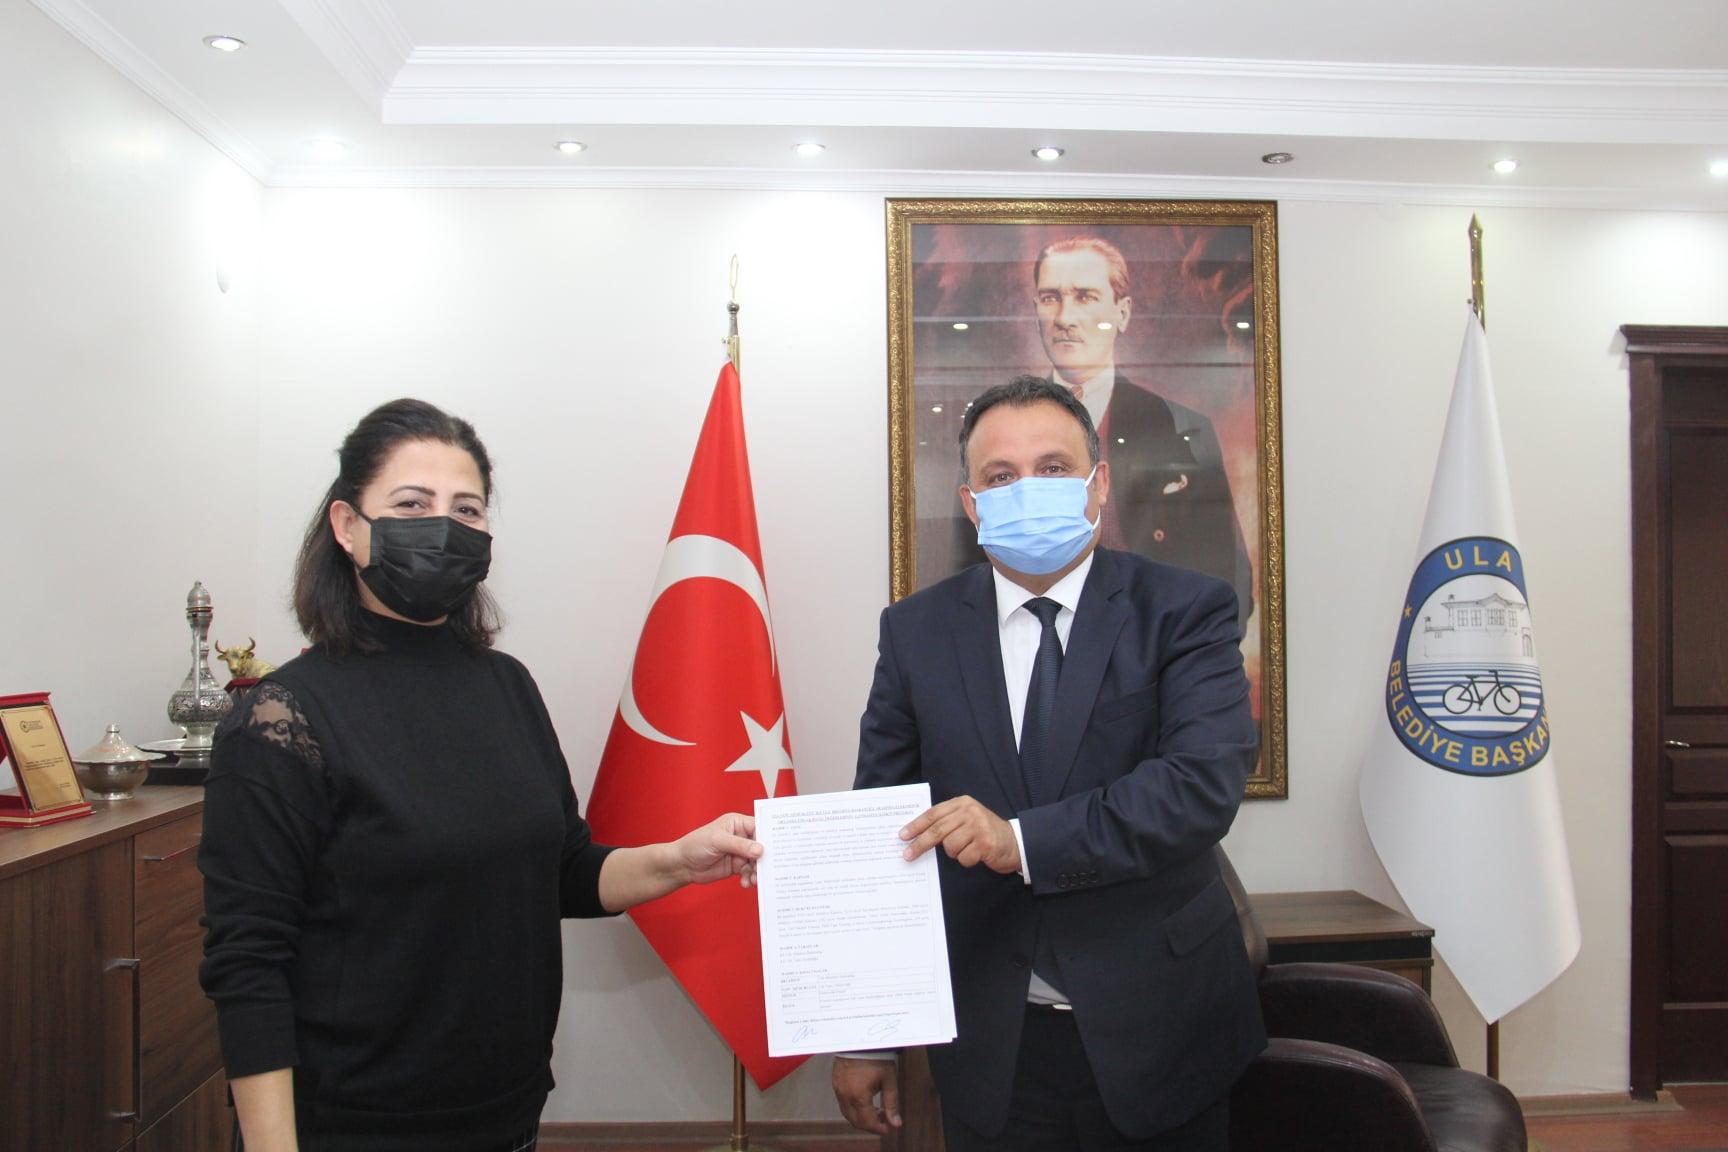 Belediyemiz ve Ula Tapu Müdürlüğü Arasında Emlak Beyan Değerlerinin Elektronik Ortamda İletilmesi Protokolü İmzalanmıştır